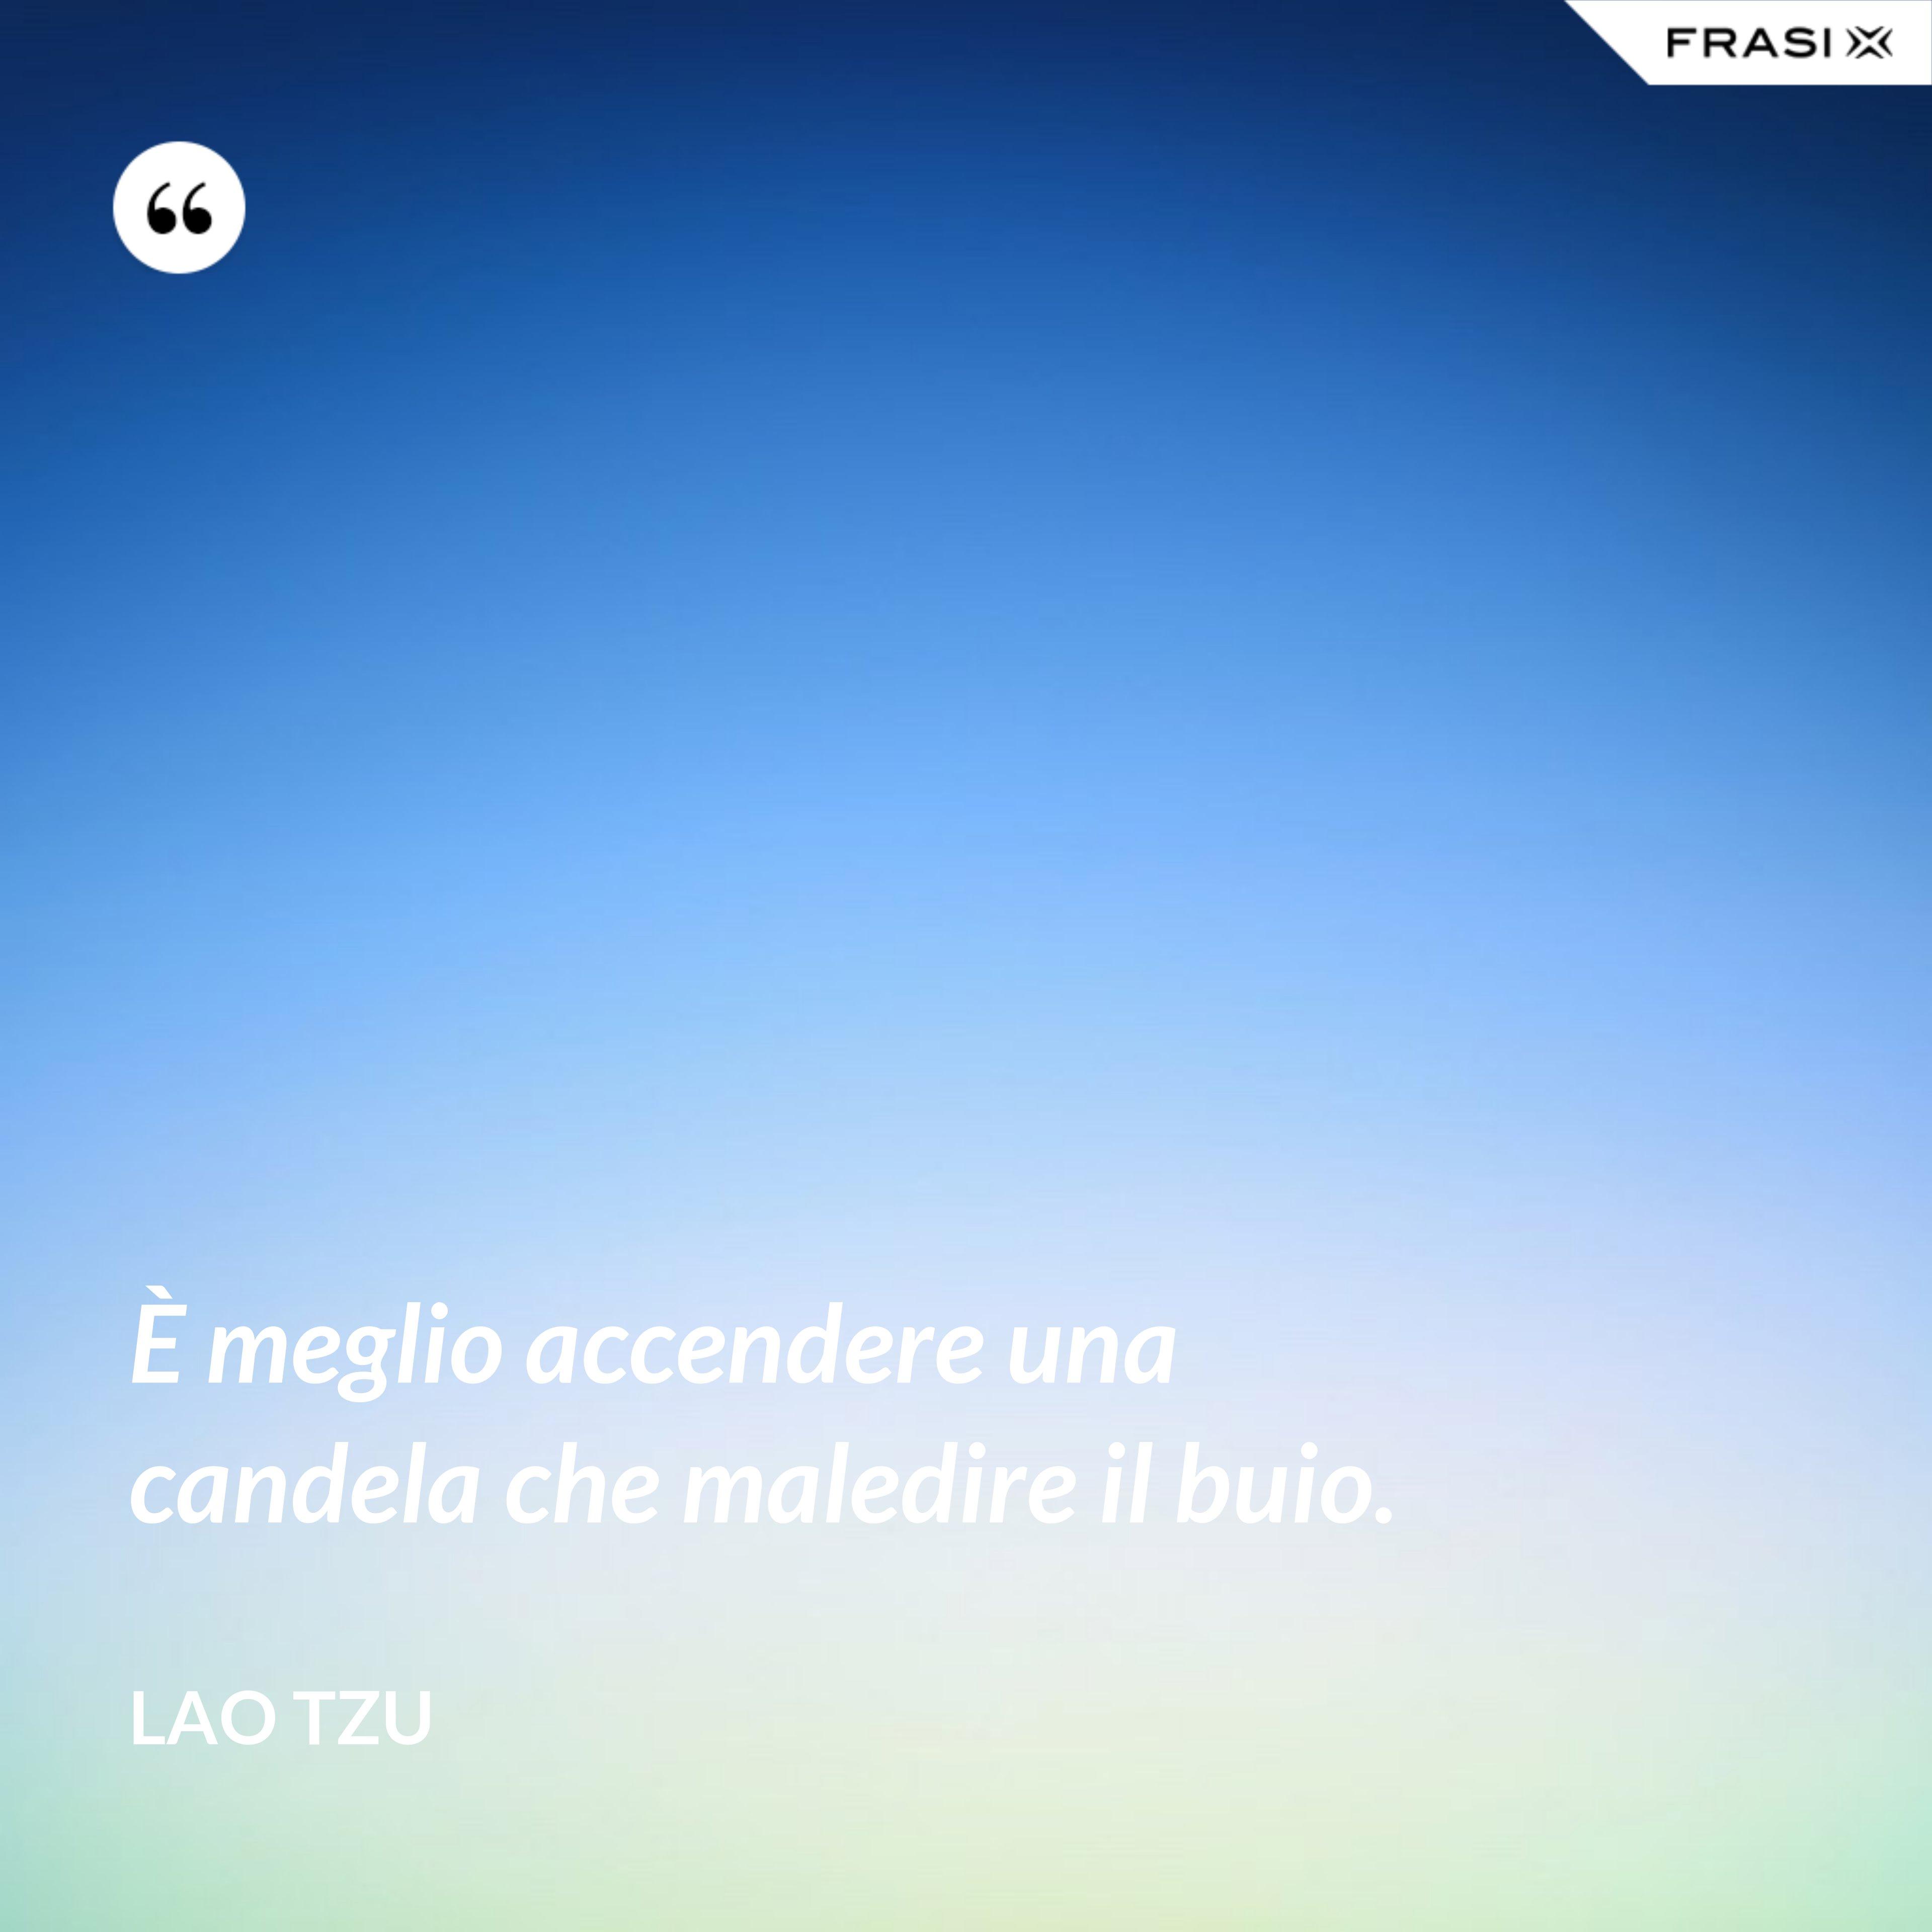 È meglio accendere una candela che maledire il buio. - Lao Tzu